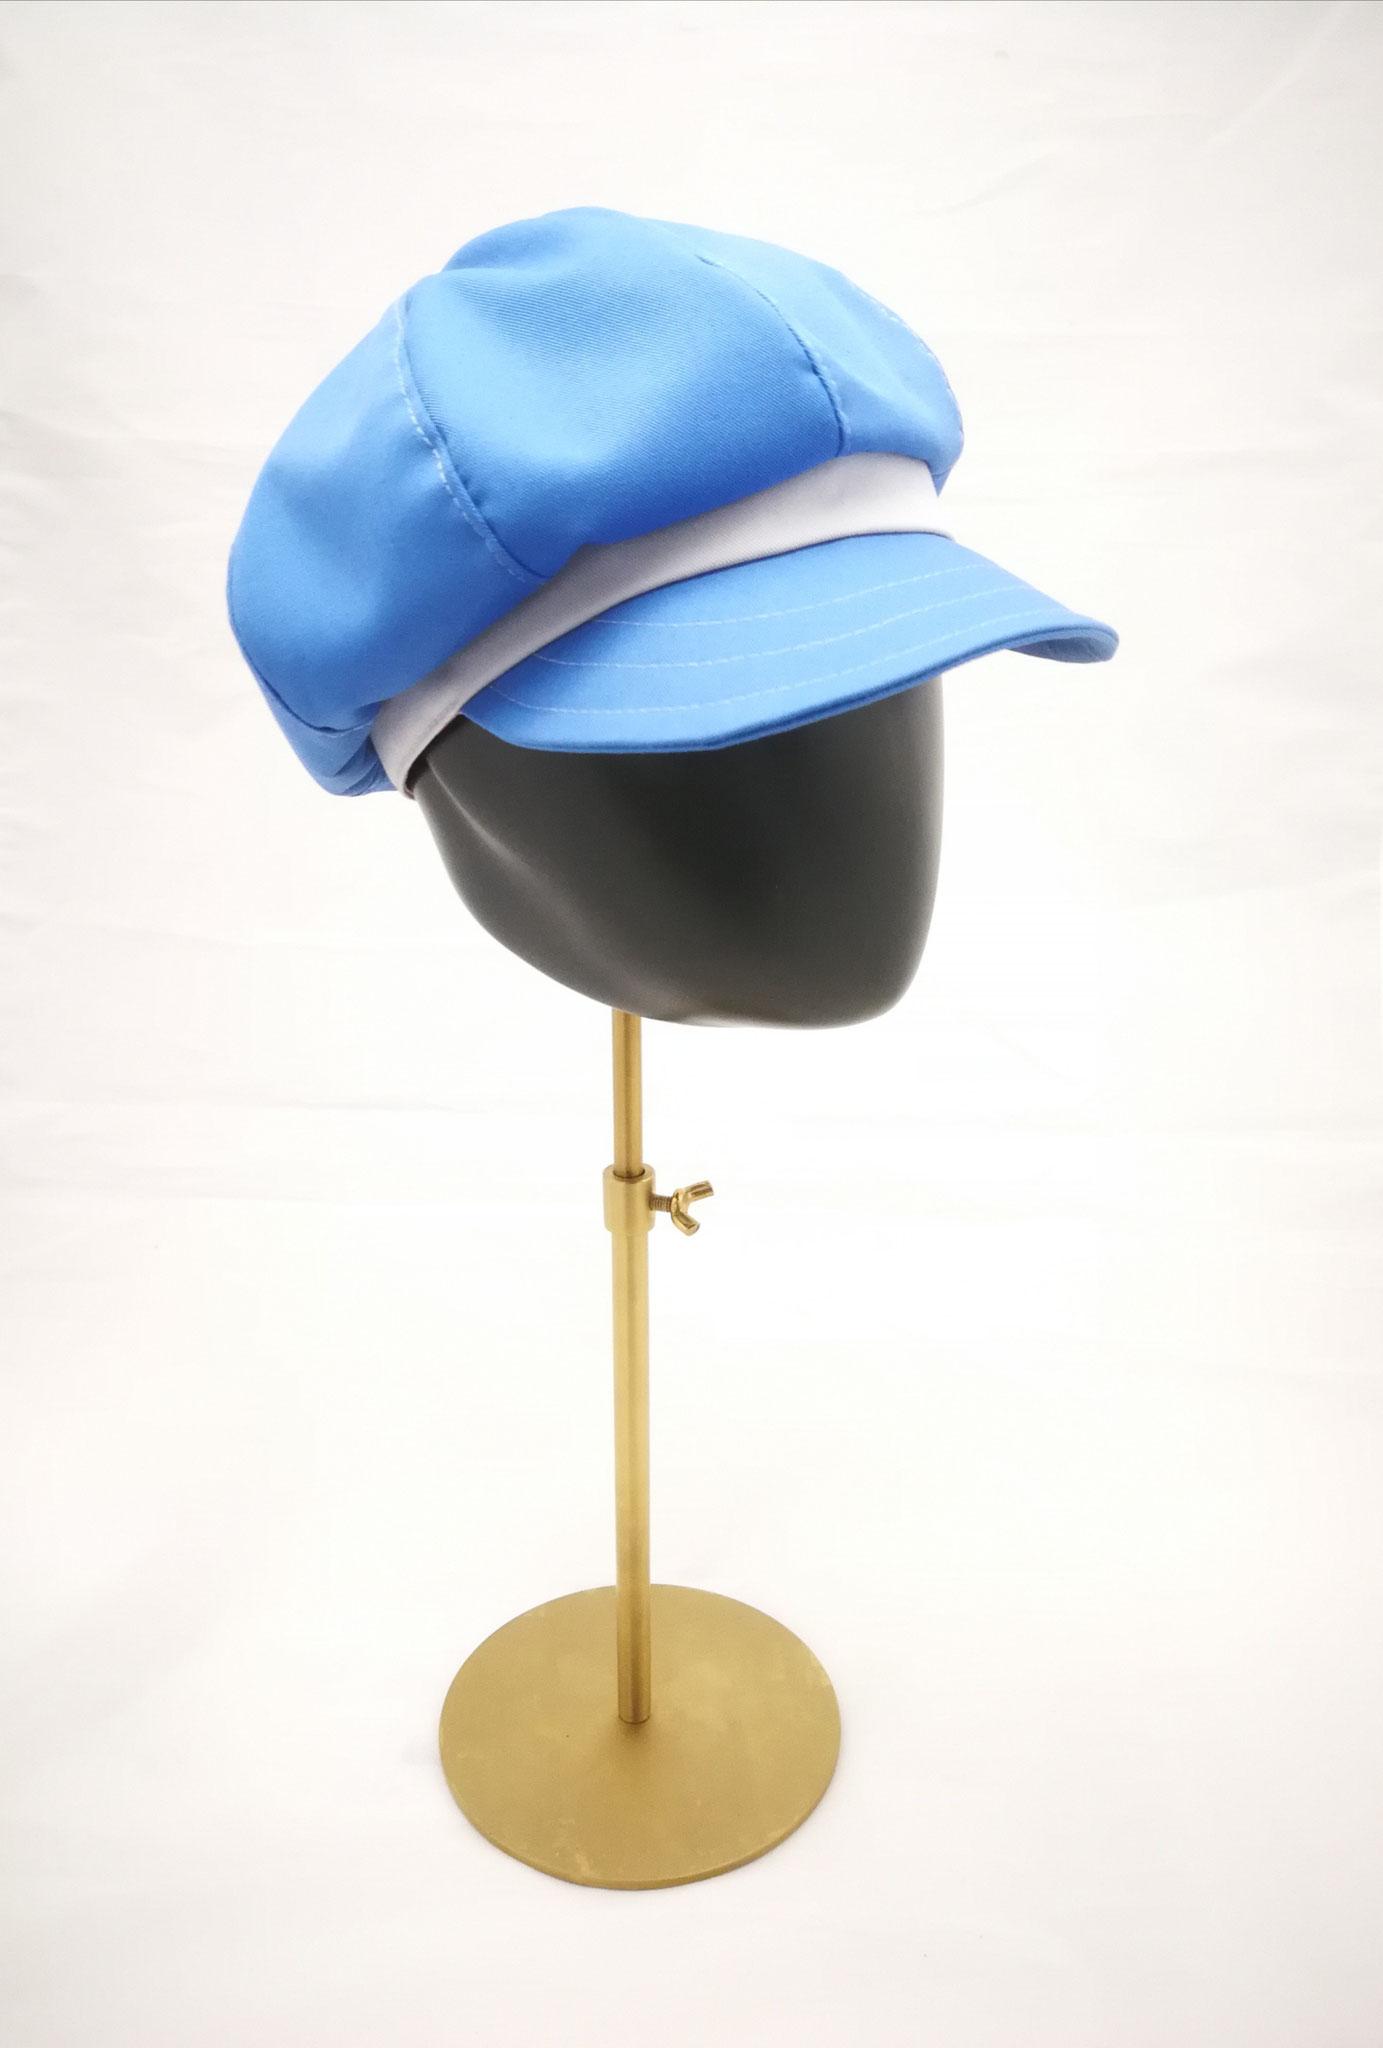 Ballonmütze mit Schirm, für sie und ihn, UV Stoff, hellblau, Manufakturarbeit, bestellbar Preis 64,90 €